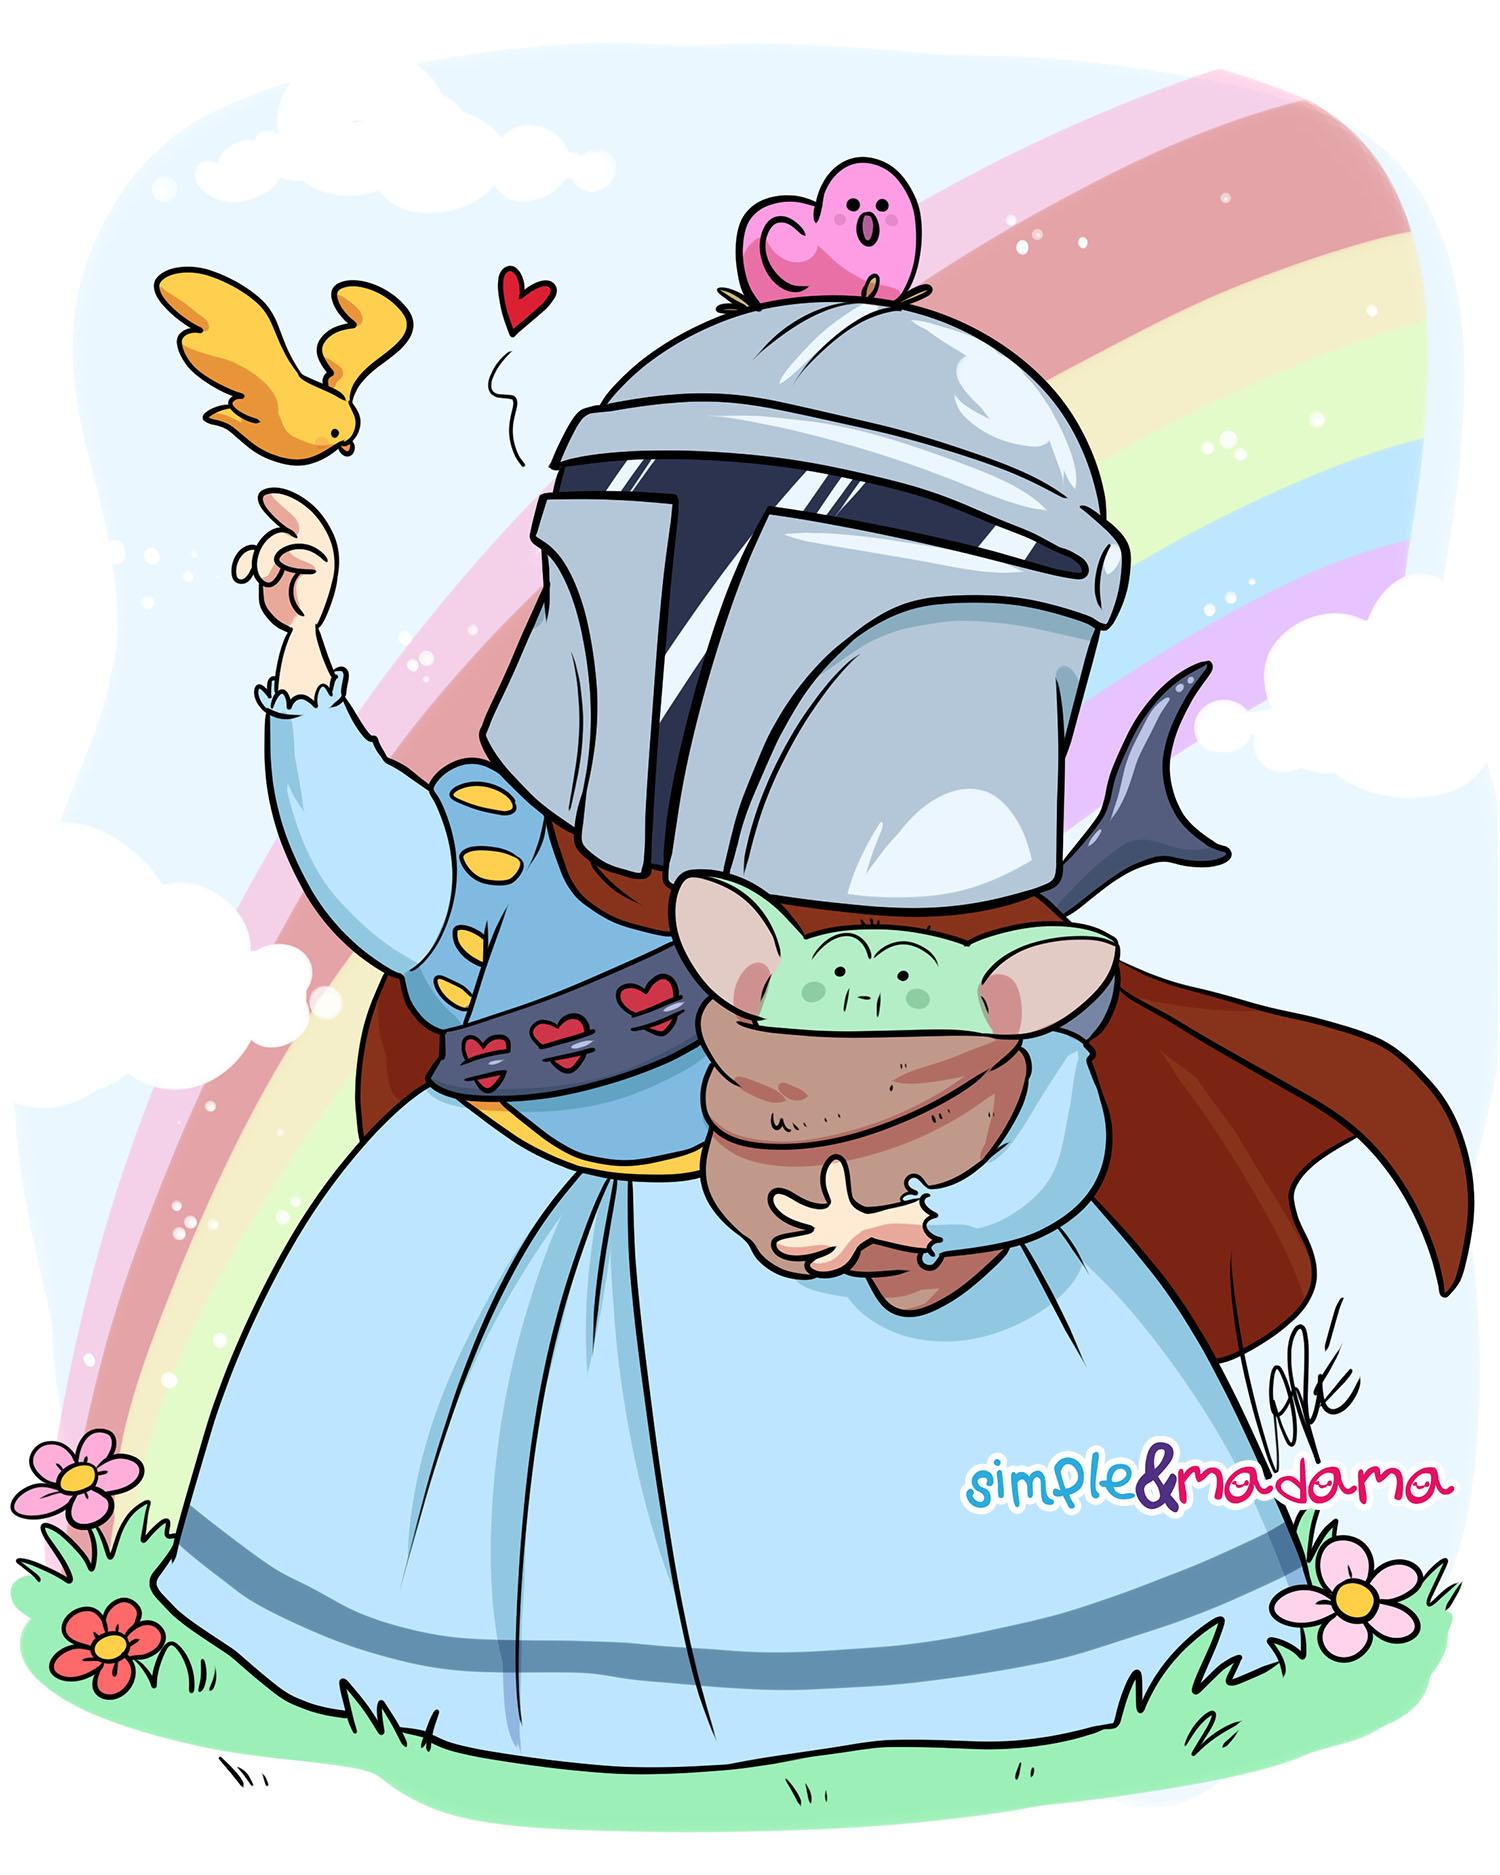 il_mandaloriano_principessa